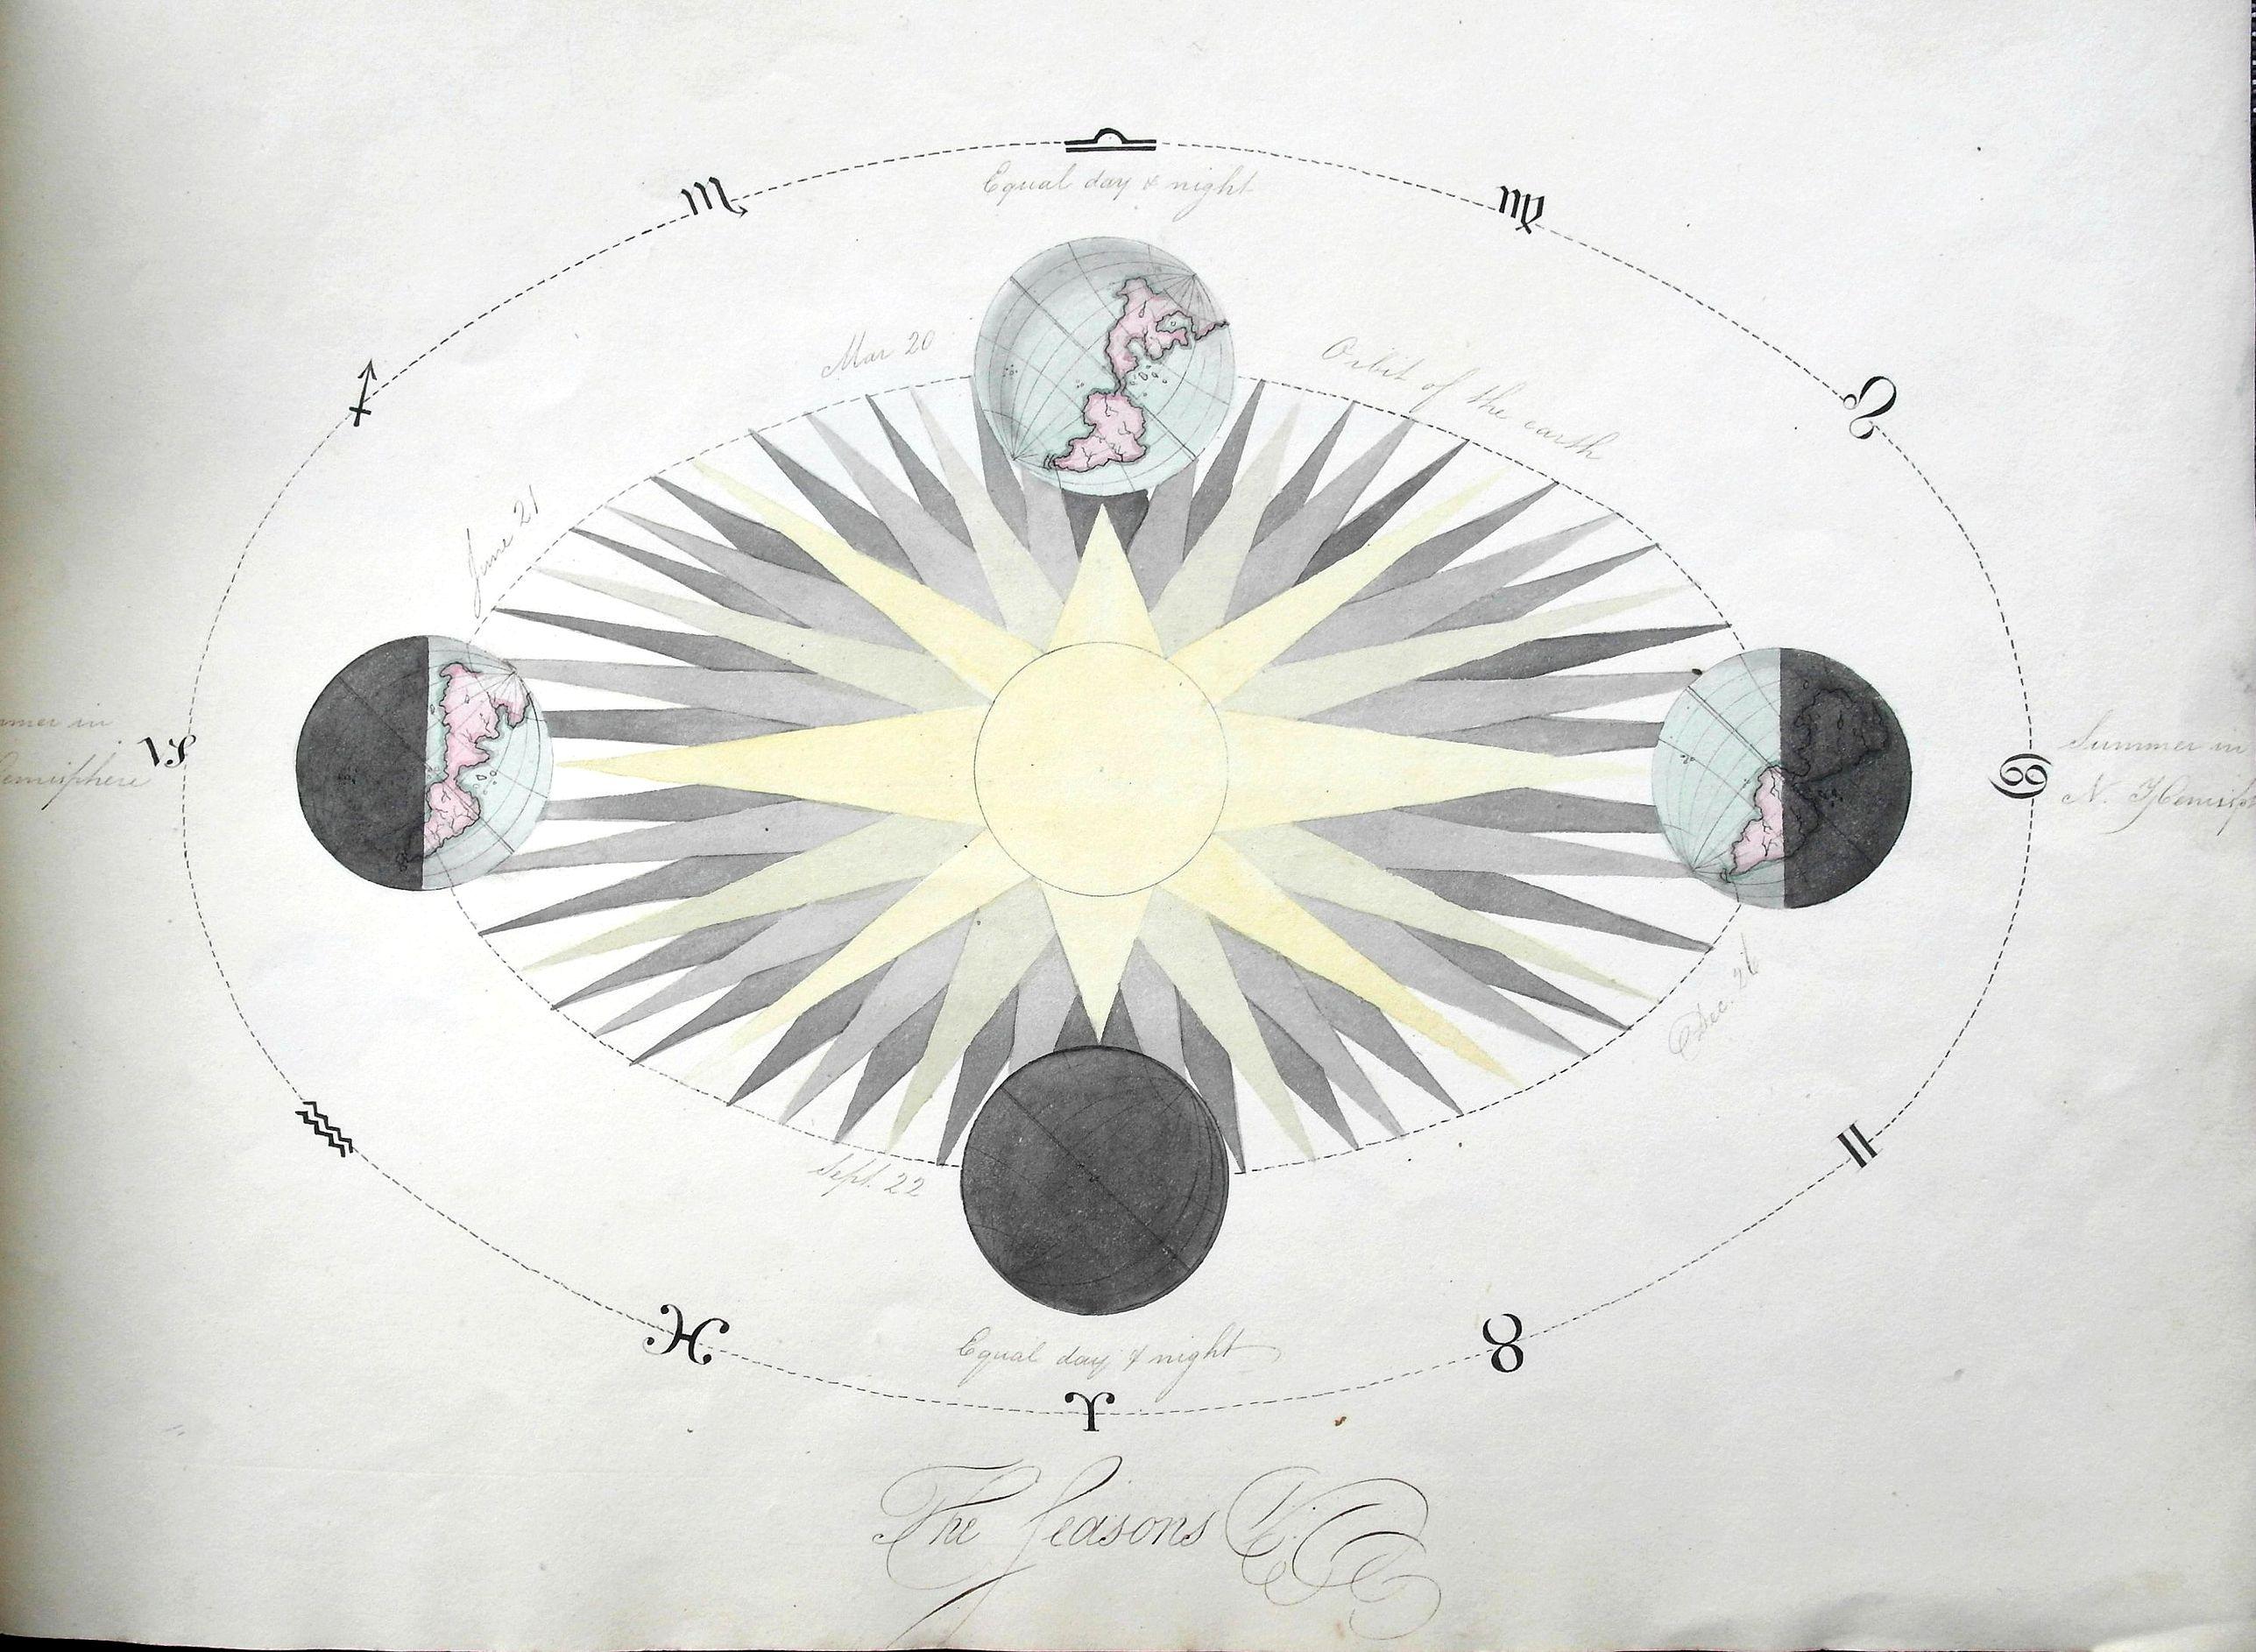 FLINT, A. - Four Astronomical Diagrams (manuscript atlas).